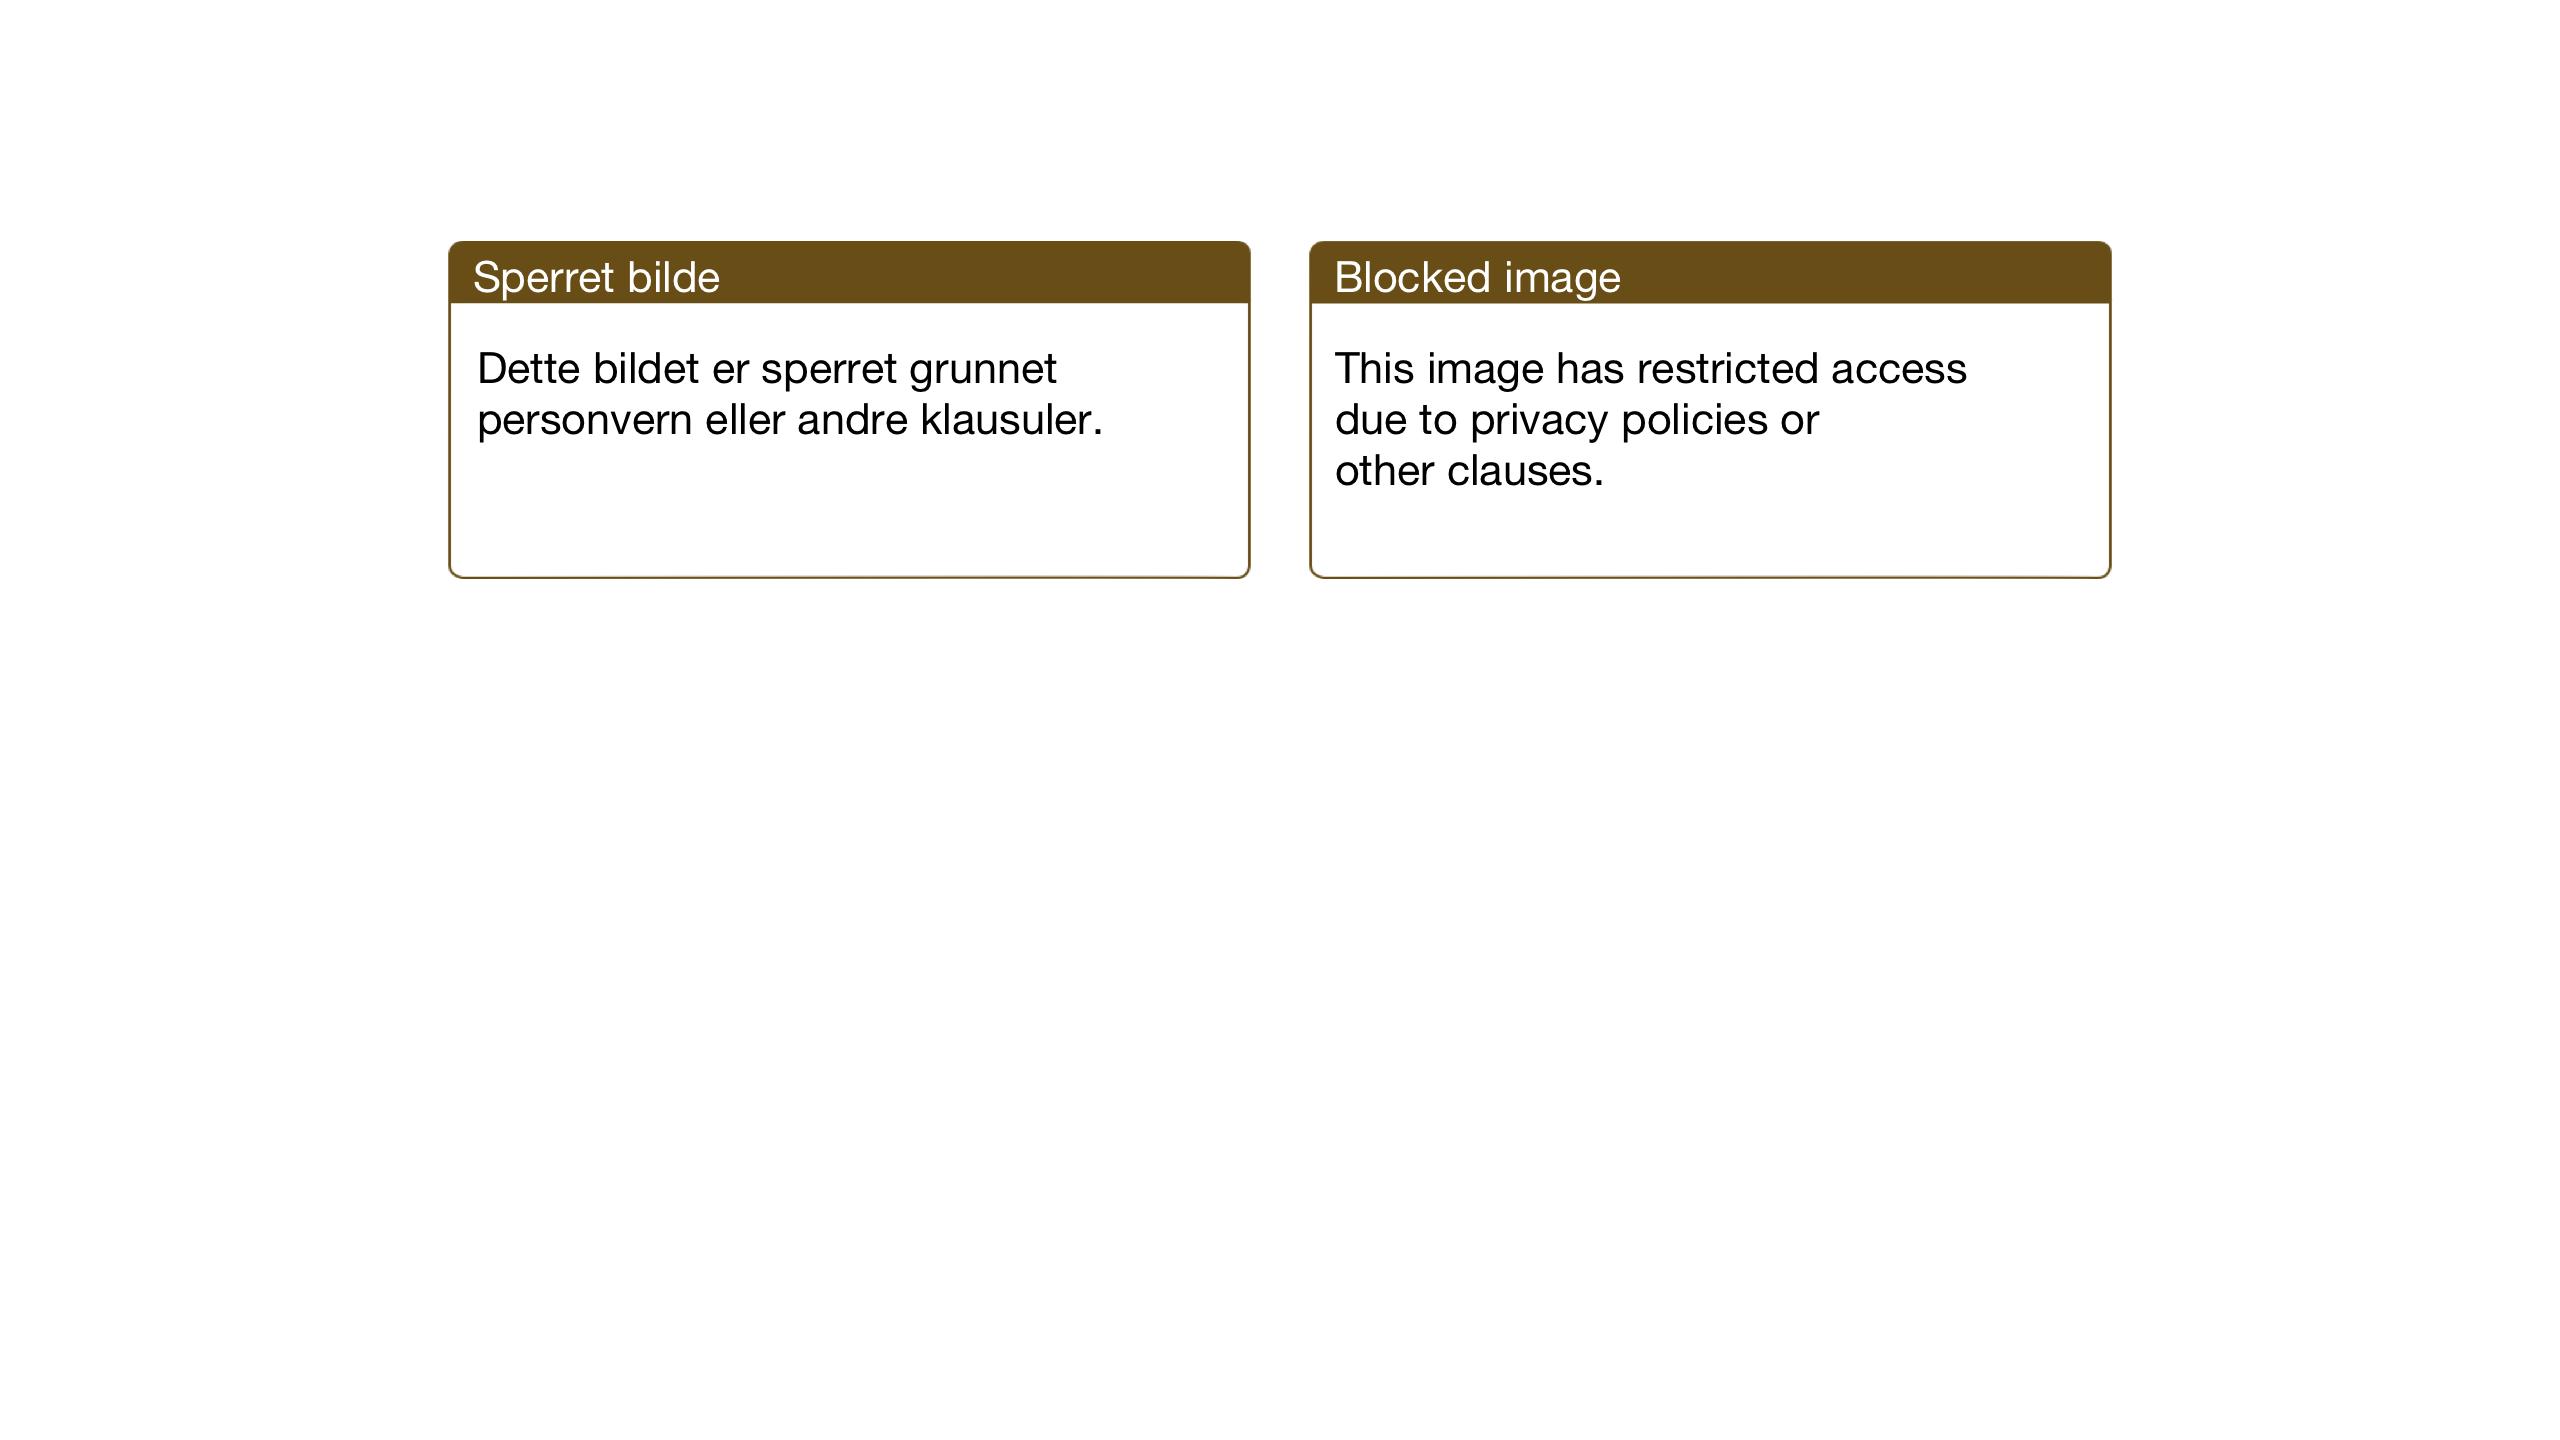 SAT, Ministerialprotokoller, klokkerbøker og fødselsregistre - Sør-Trøndelag, 681/L0944: Klokkerbok nr. 681C08, 1926-1954, s. 78